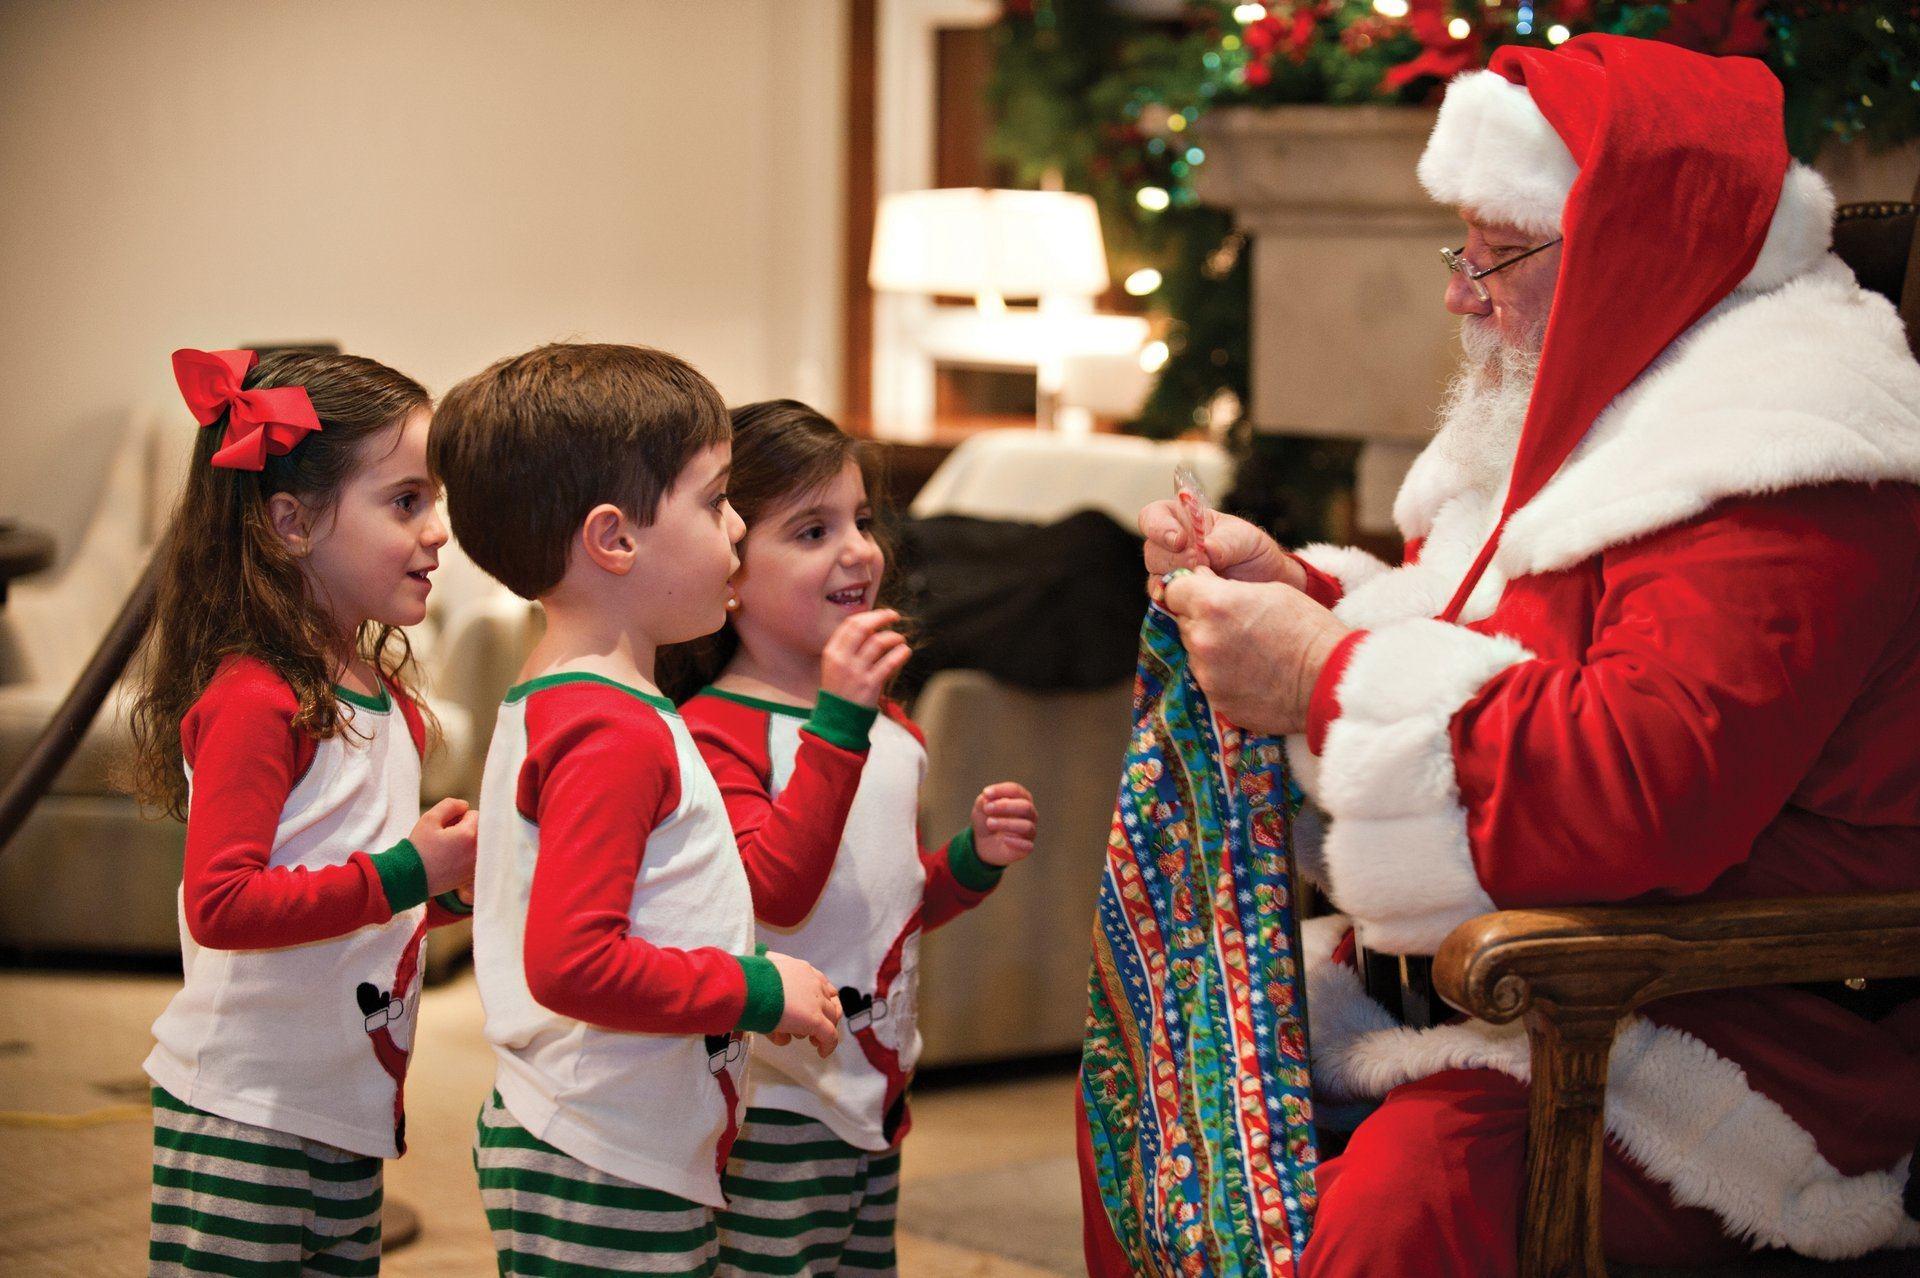 Santa Claus at Christmas at the Fairmont Scottsdale Princess